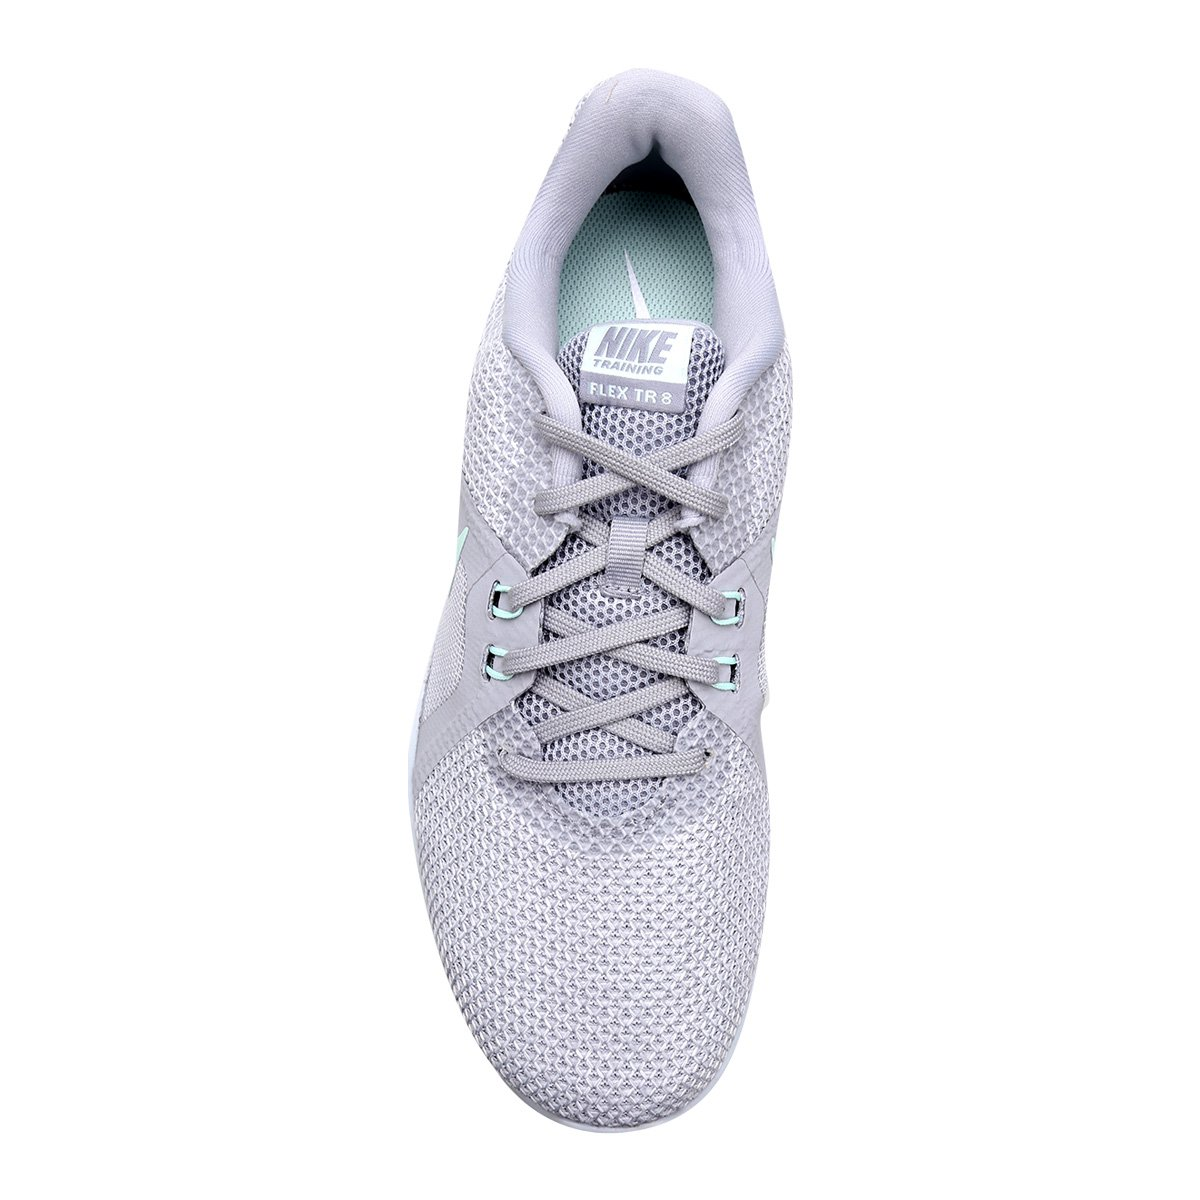 3f5aed2db2 Tênis Nike Flex Trainer 8 Feminino - Shopping TudoAzul